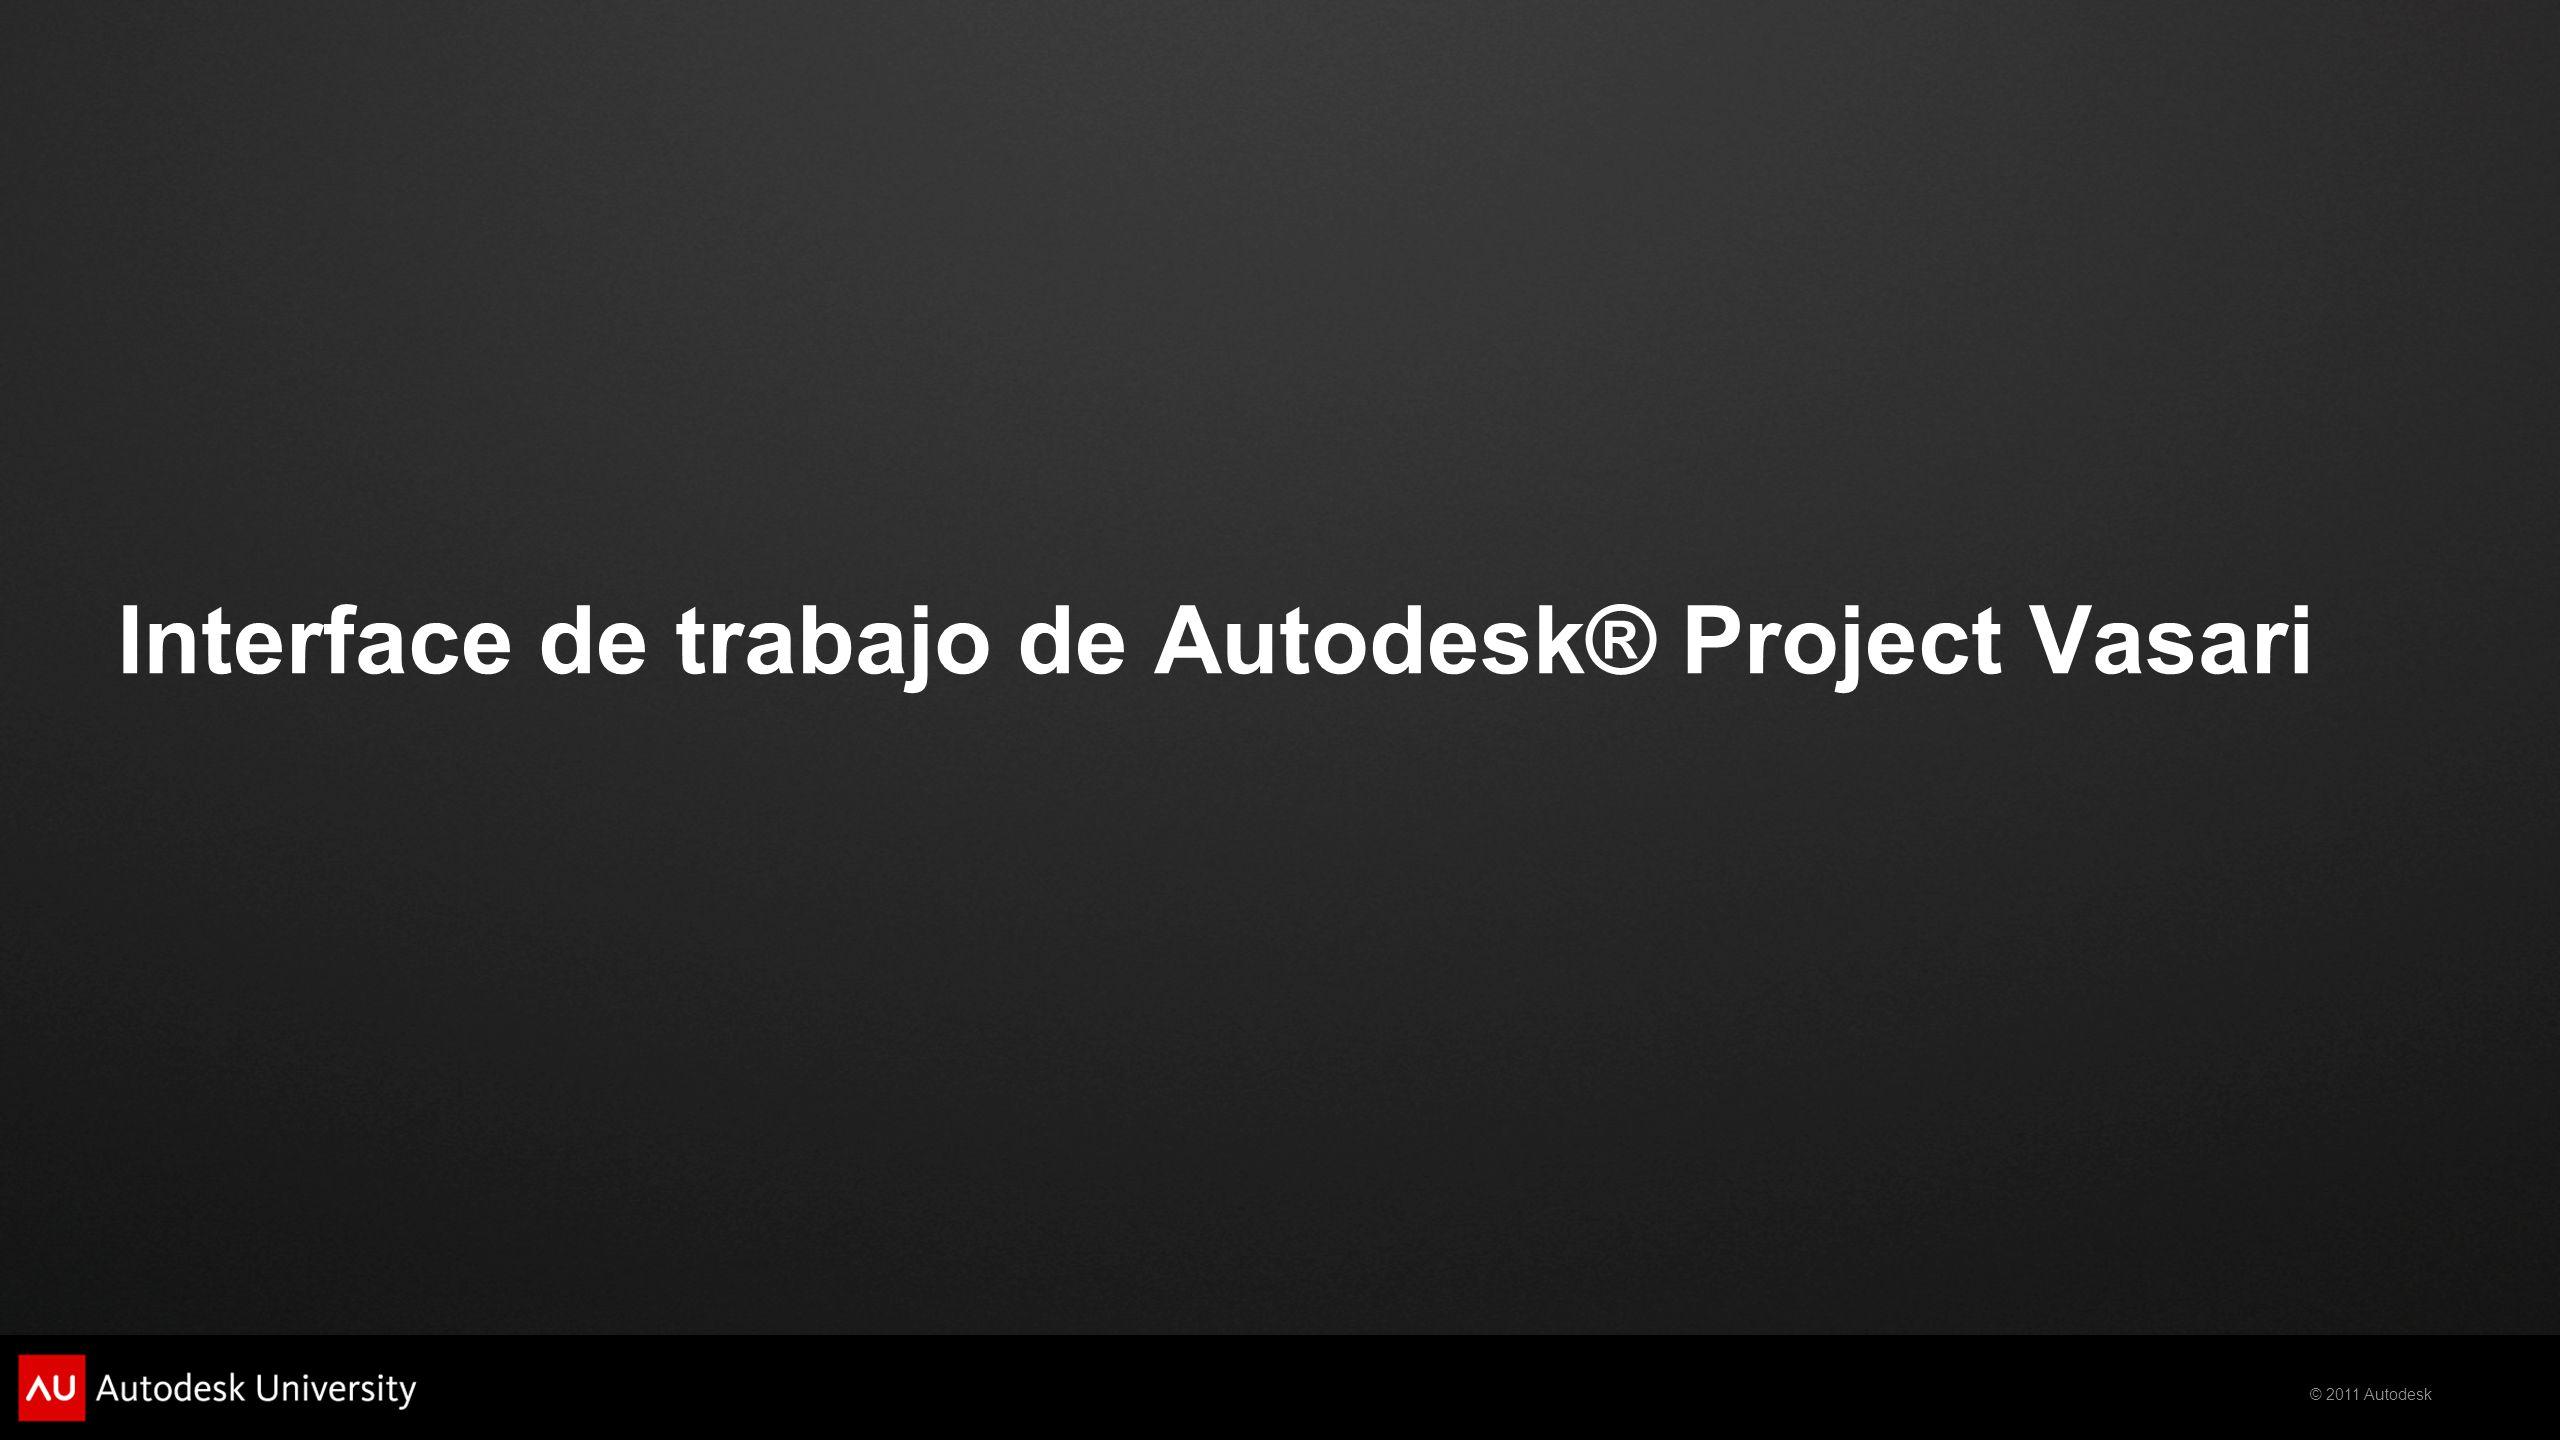 Interface de trabajo de Autodesk® Project Vasari